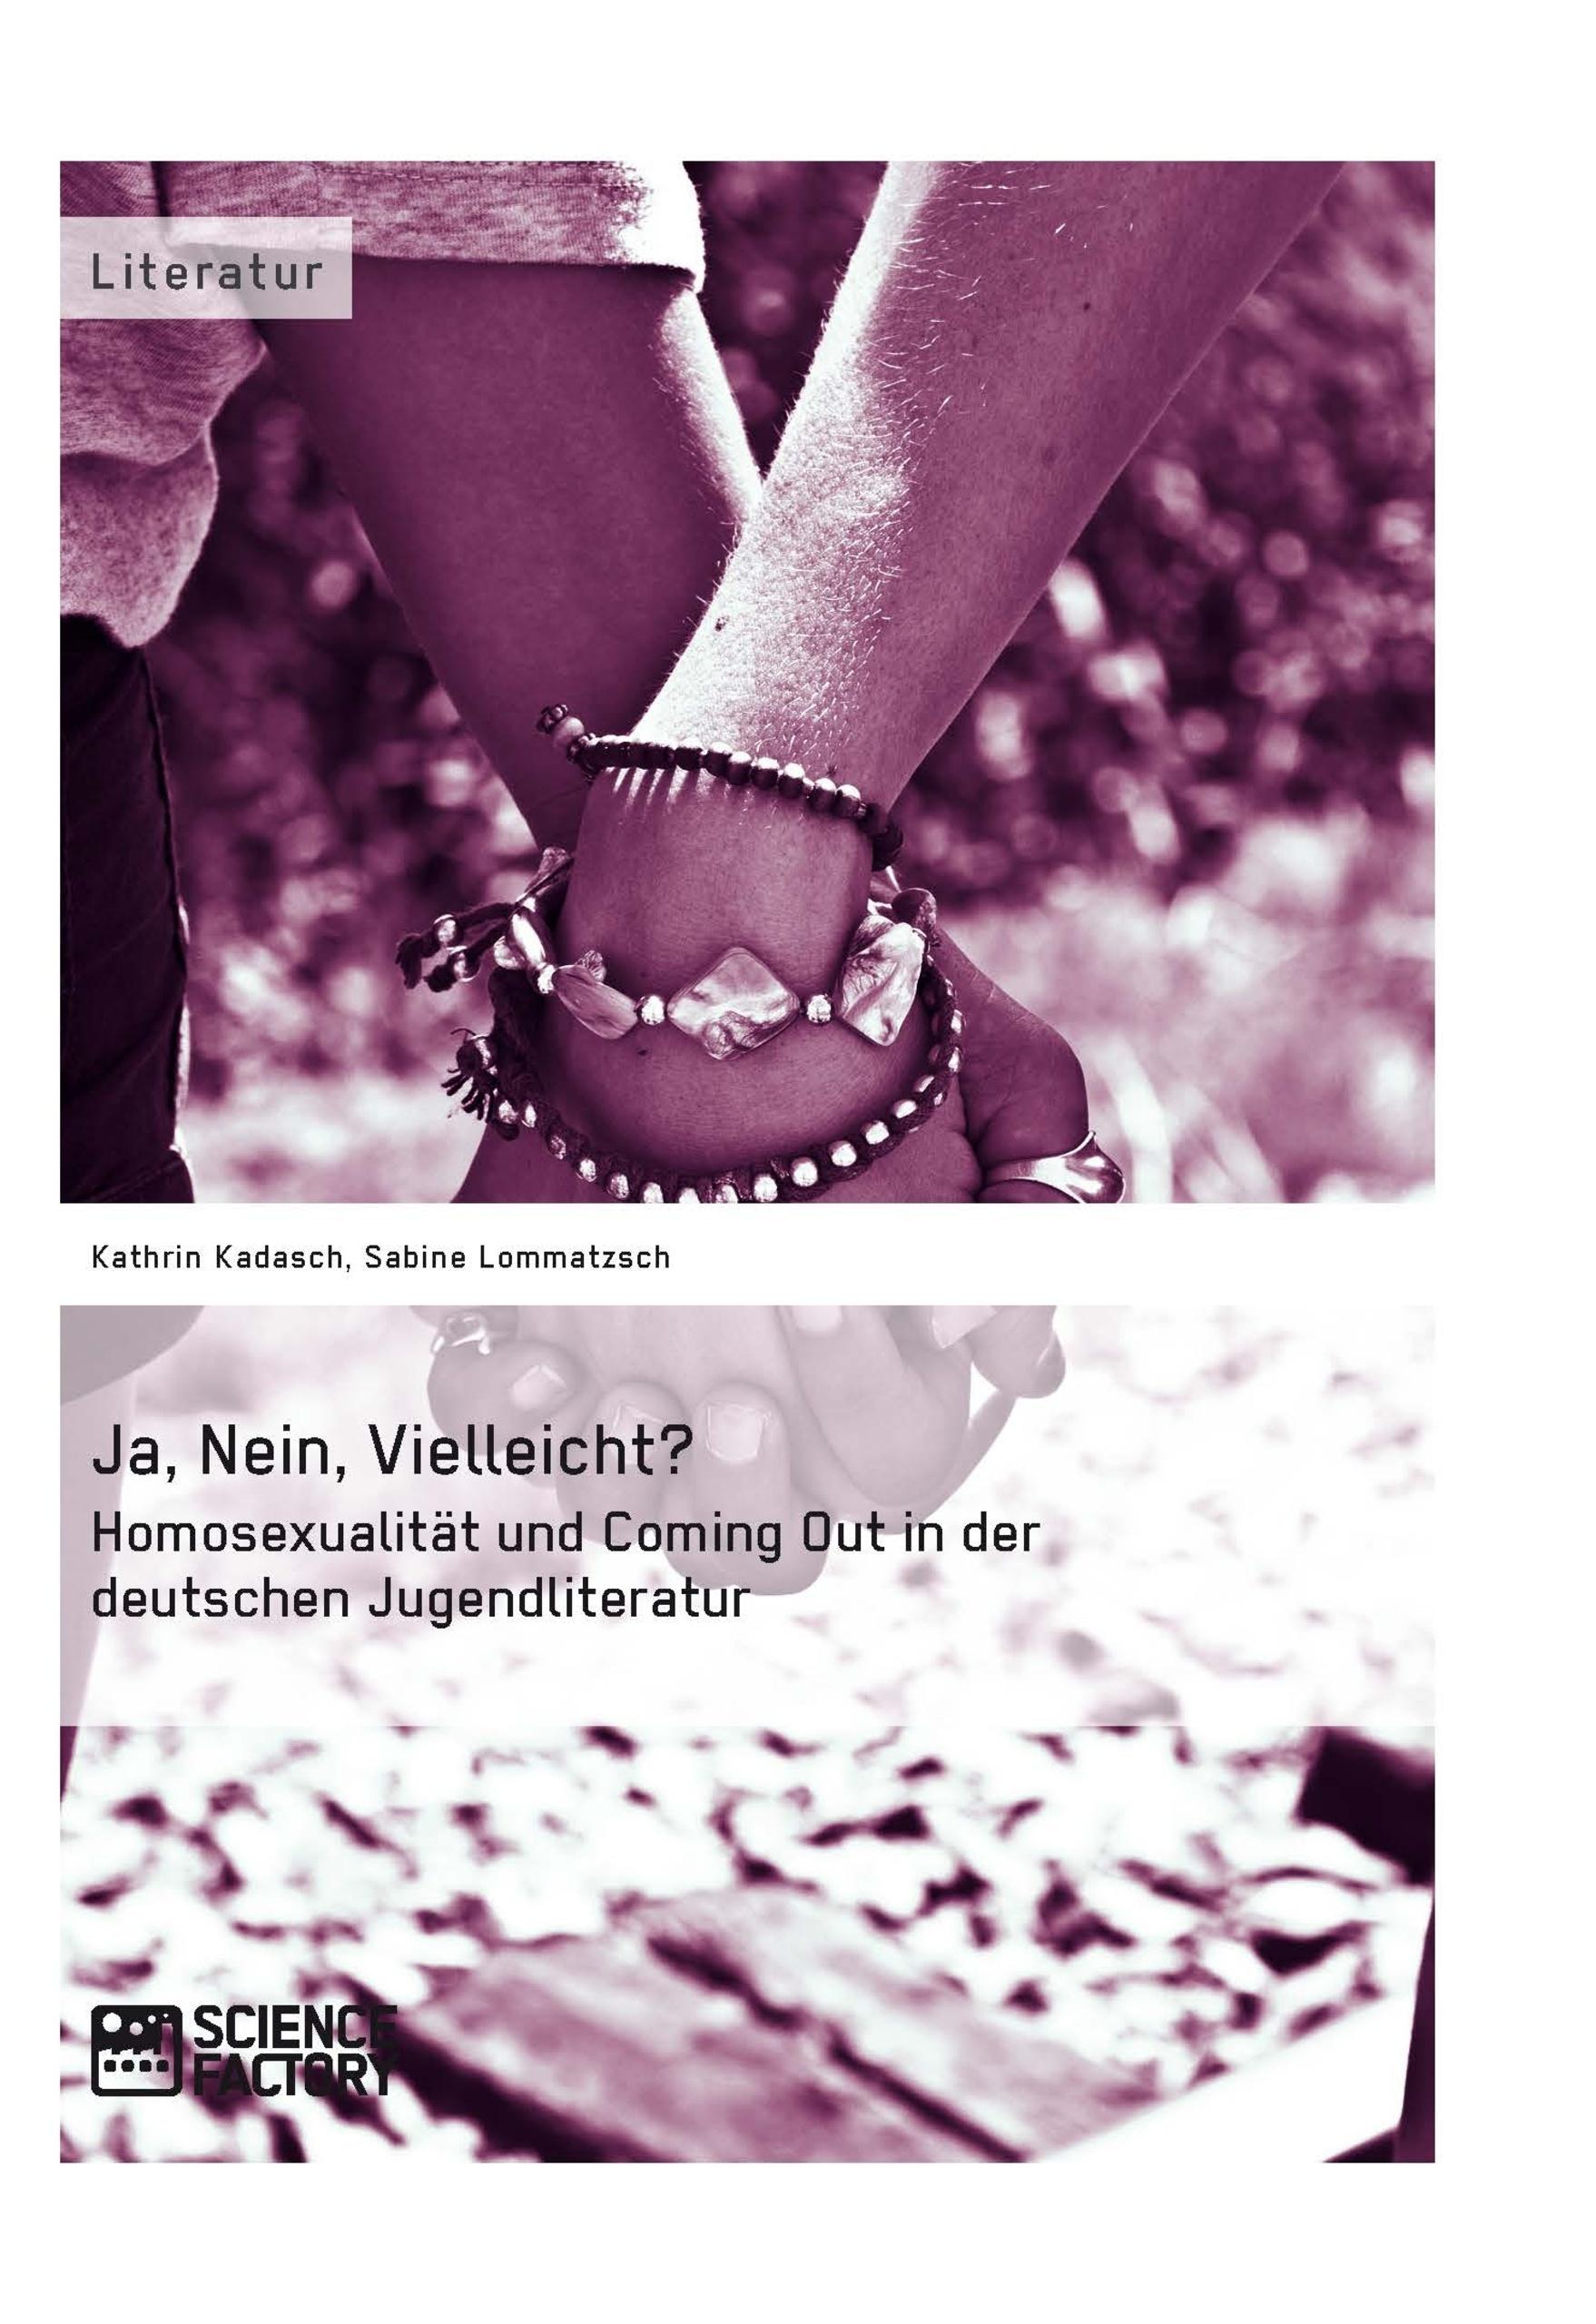 Titel: Ja, Nein, Vielleicht? - Homosexualität und Coming Out in der deutschen Jugendliteratur